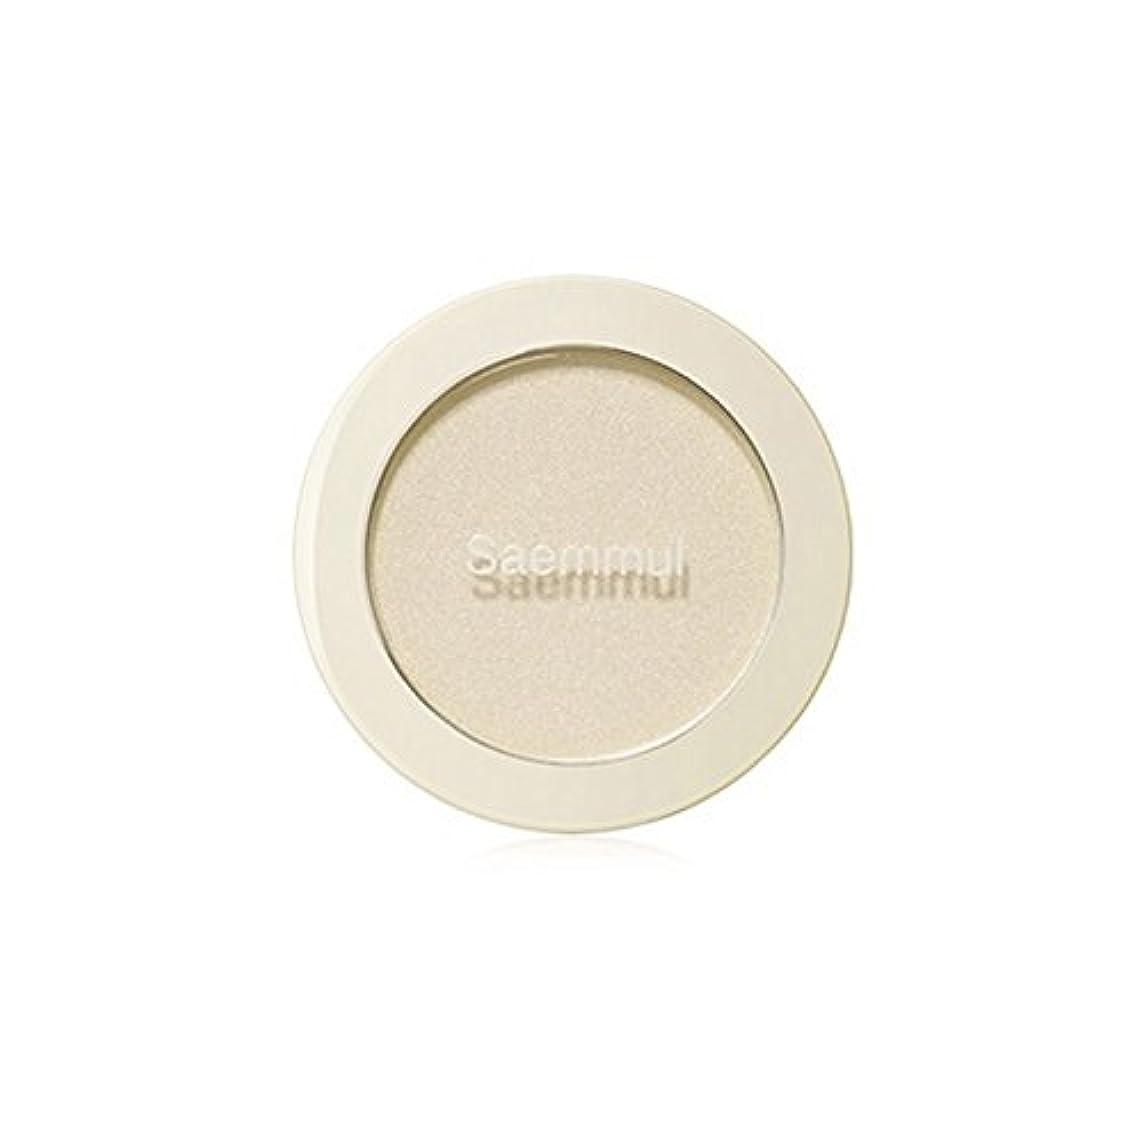 人に関する限り介入する予備[ザセム] The Saem セムムル シングル チーク GD01 ゴールド ボリューム ライト(ハイライター) Saemmul Single Blusher GD01 Gold Volume Light(Highlighter) (海外直送品) [並行輸入品]